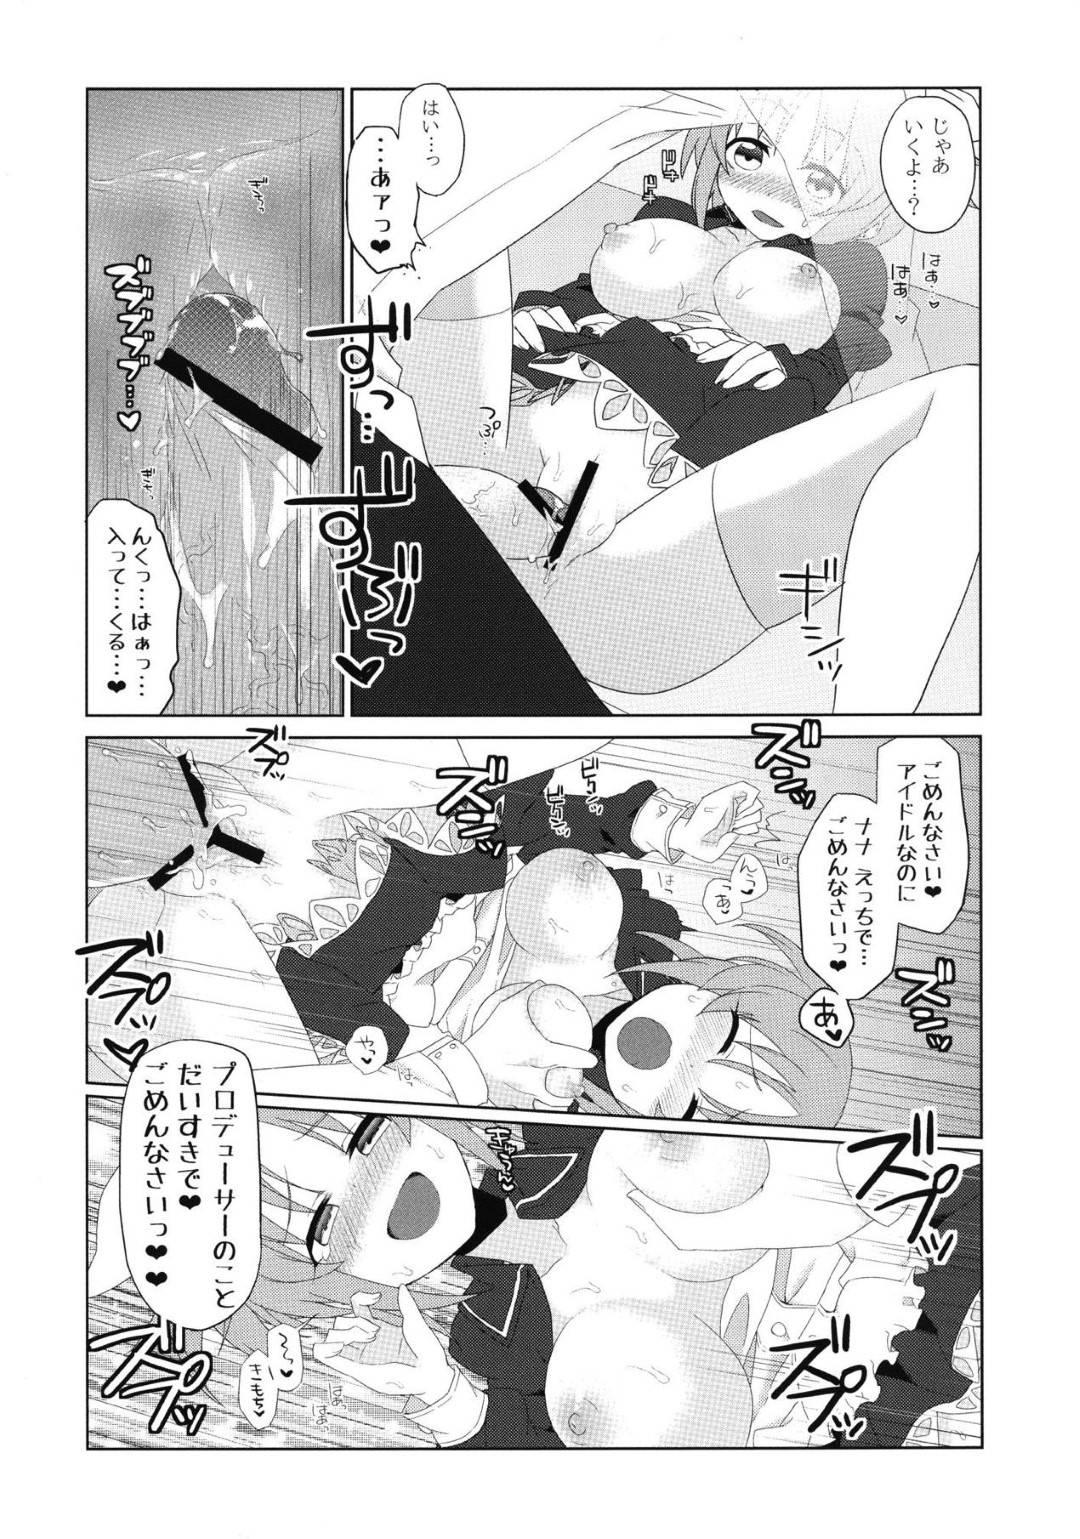 【エロ漫画】プロデューサーと事務所で二人きりになったアイドルの菜々。メイド服姿の彼女は彼のことにご奉仕マッサージしようと迫るが、彼のチンポの事に興味津々のようでパイズリやフェラなどエッチな展開へと発展する。